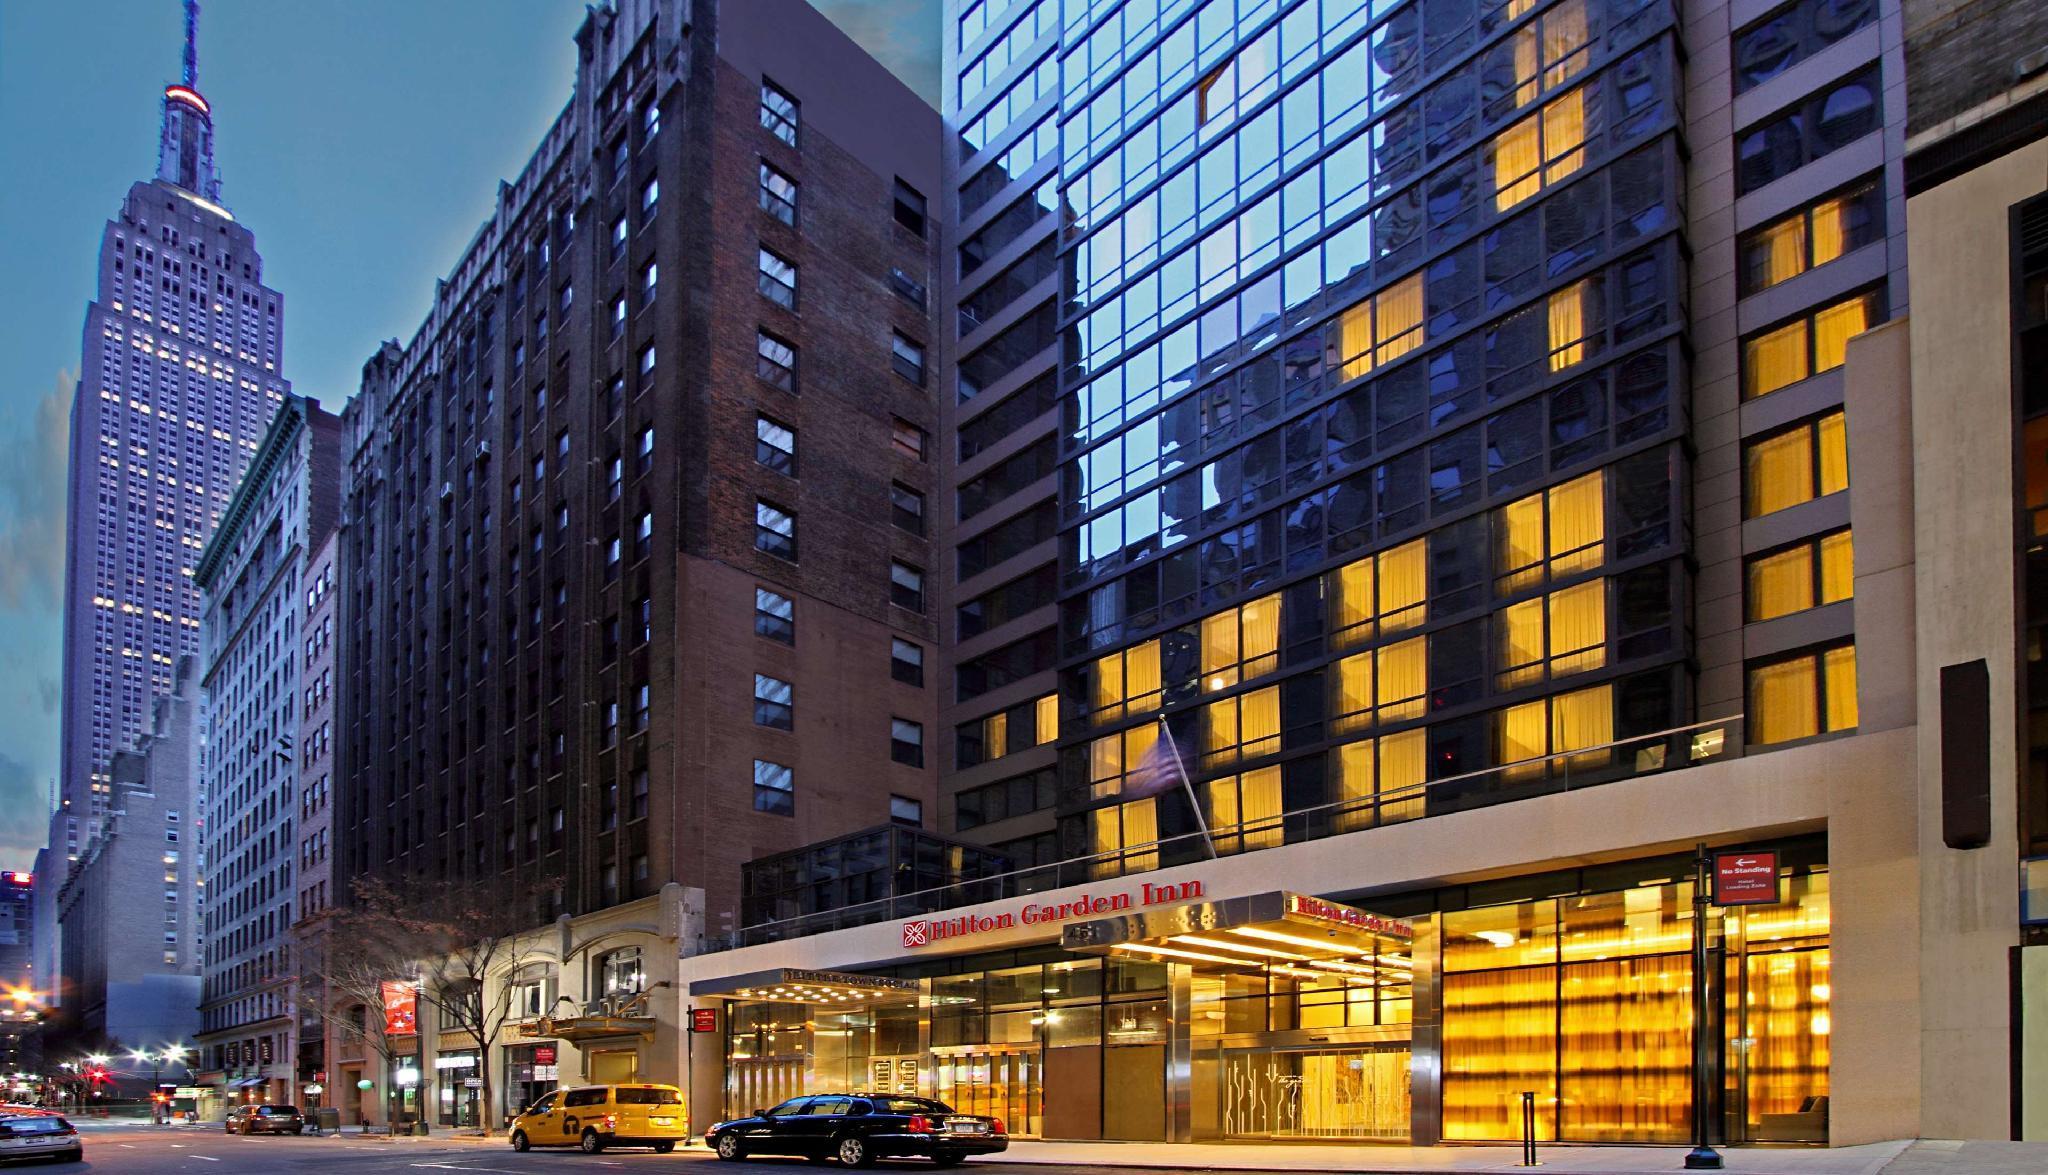 Hilton Garden Inn New York Mid Town Park Avenue